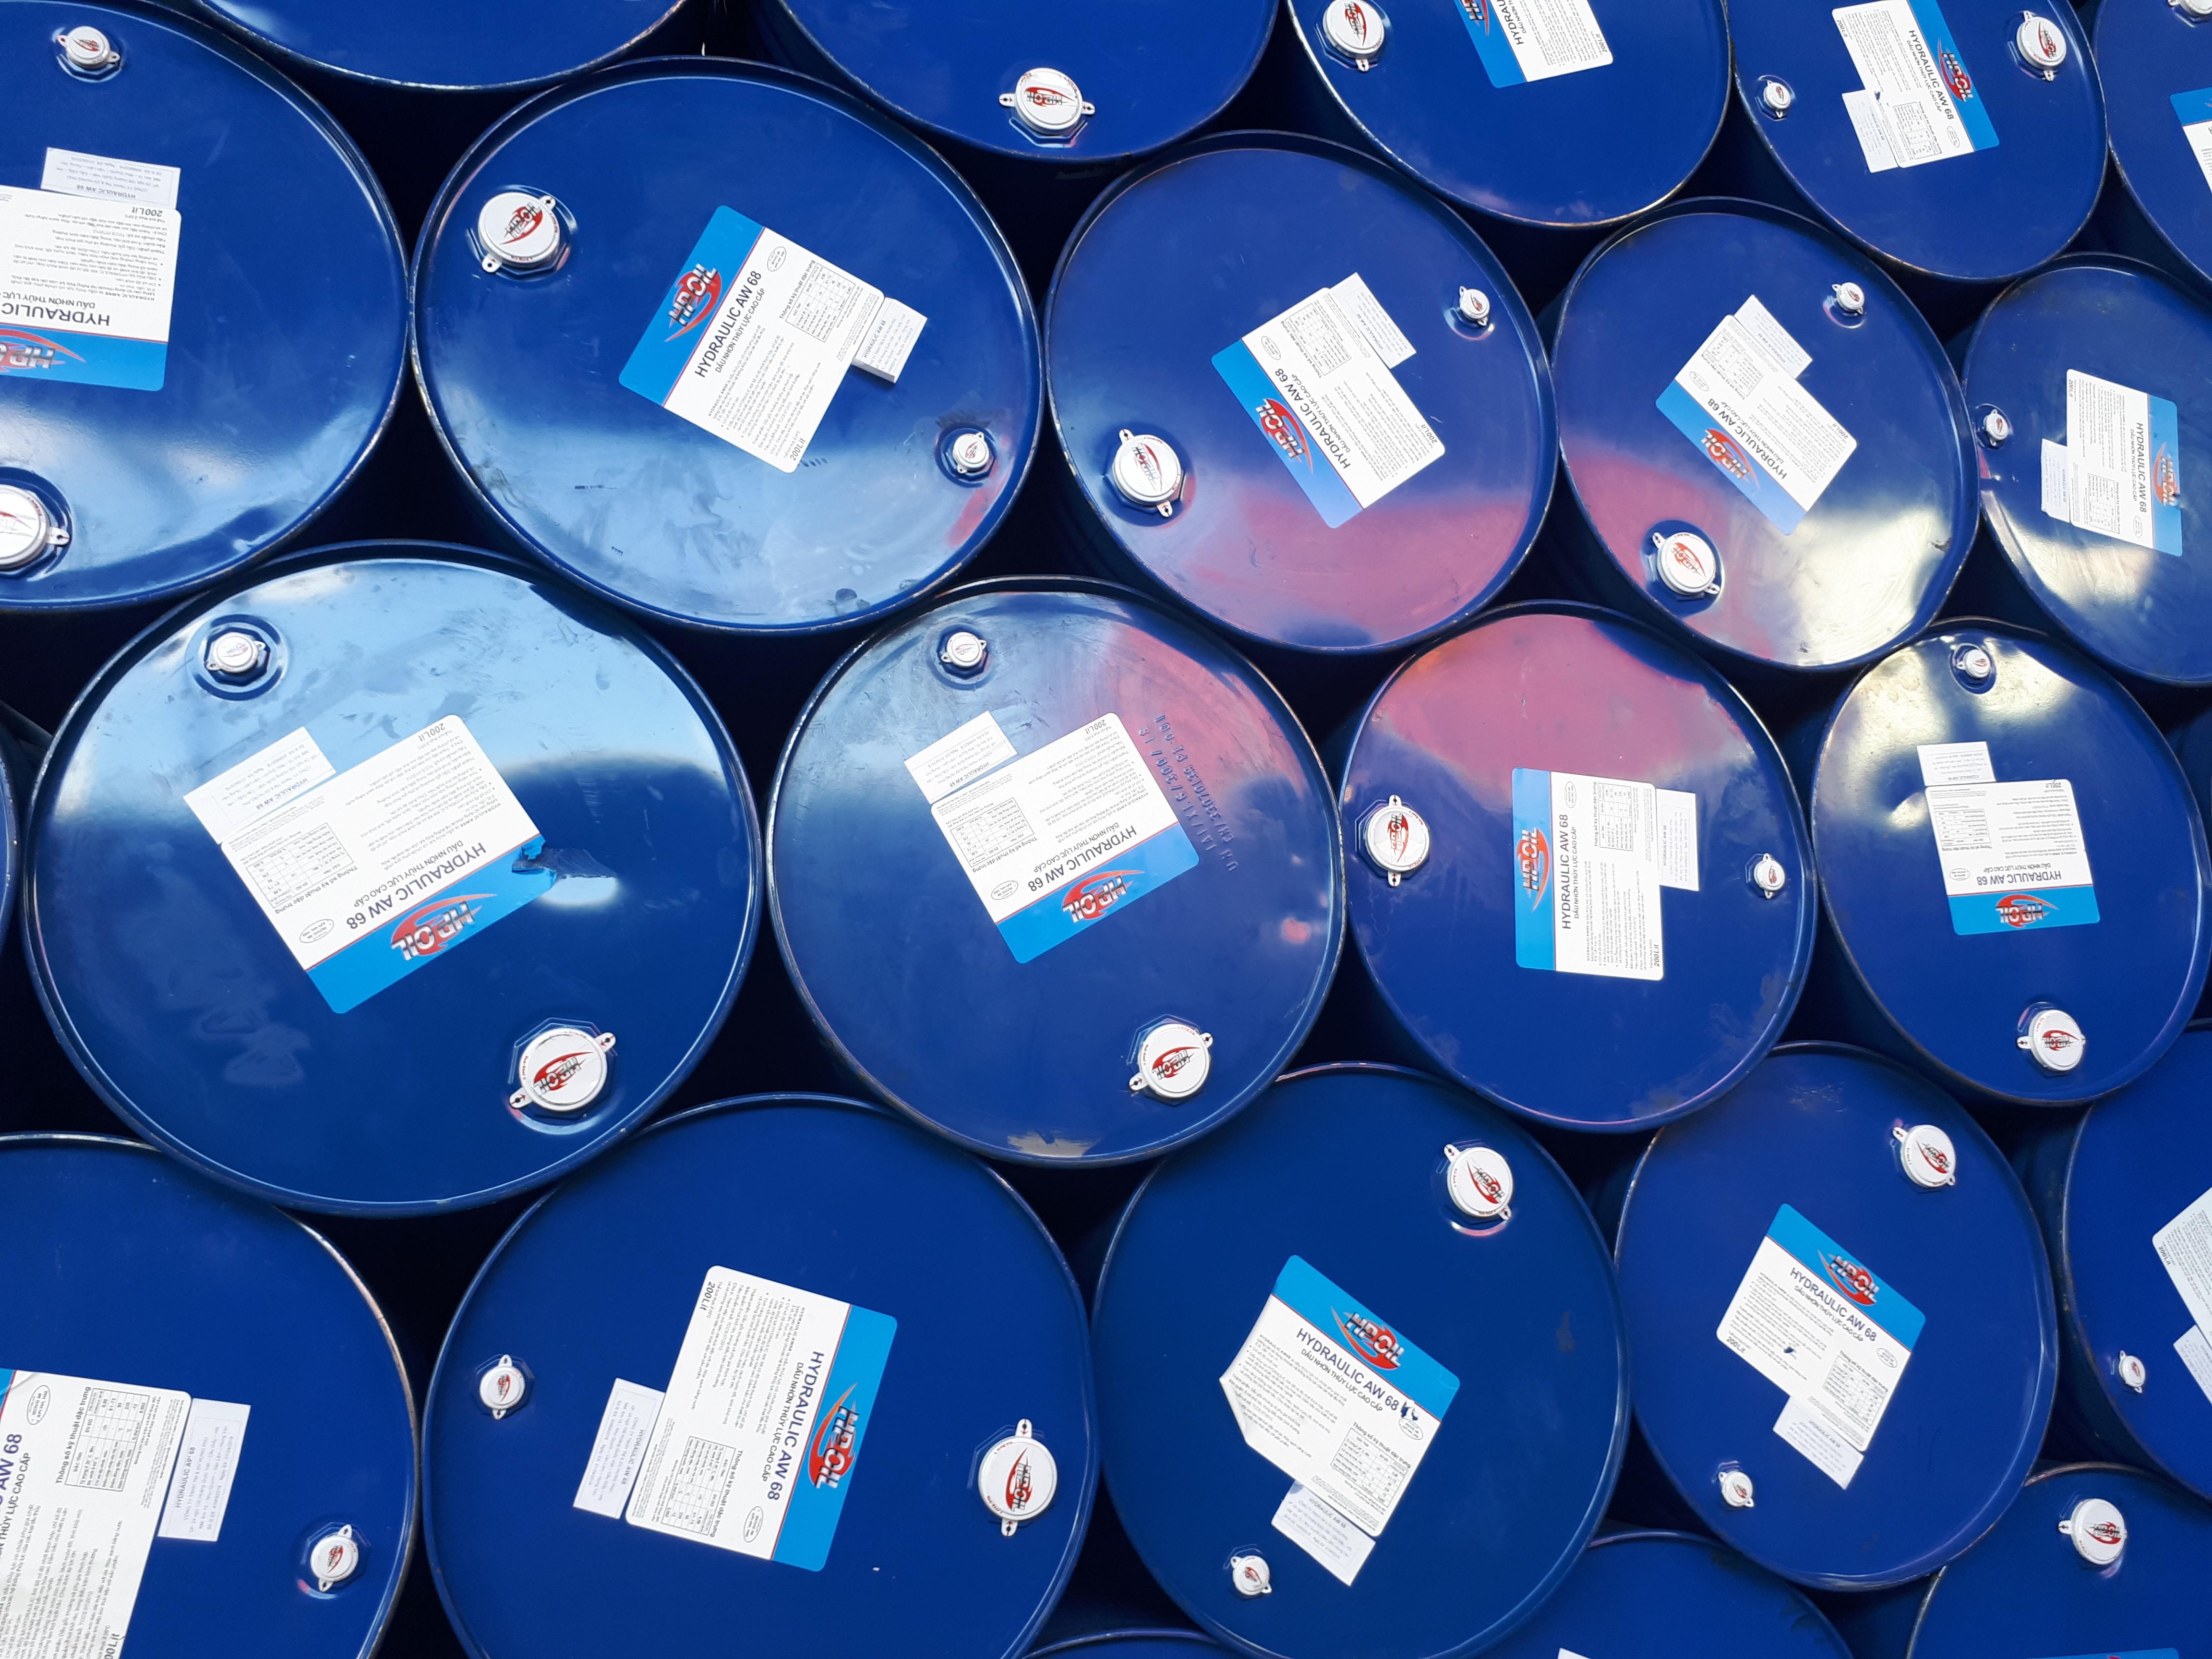 DẦU THỦY LỰC HP OIL HYDRAULIC AW 9